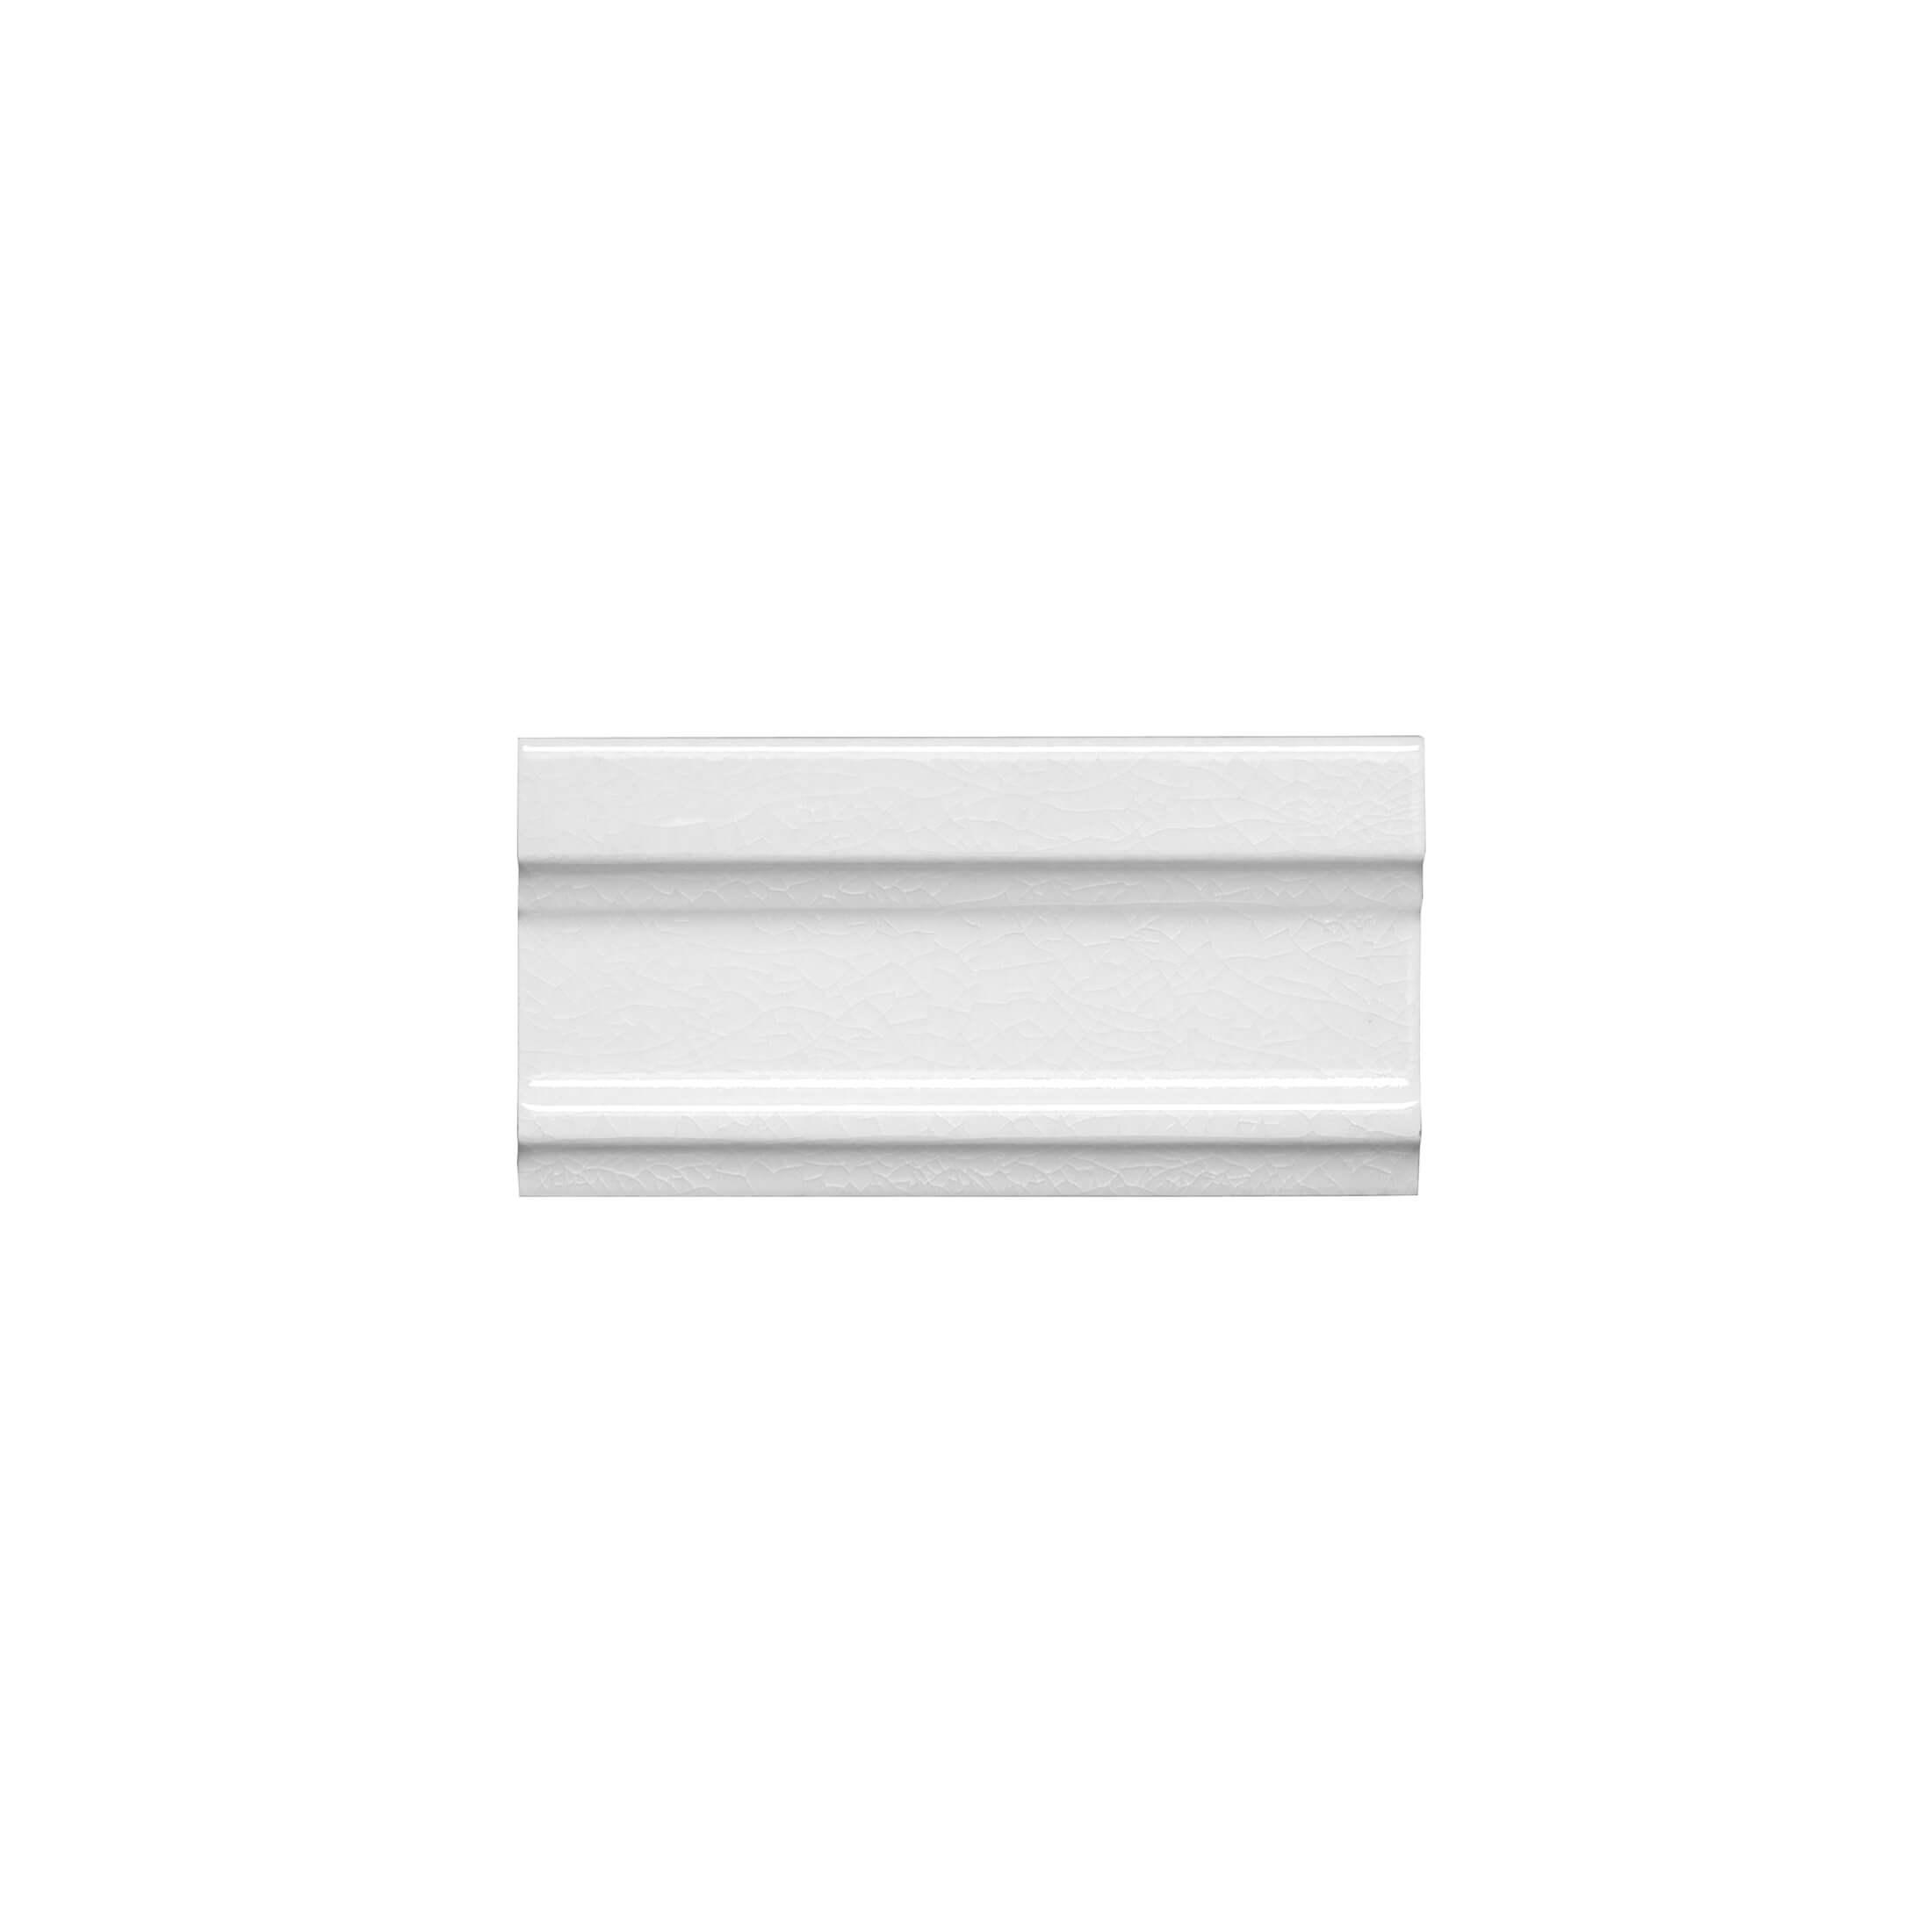 ADMO5211 - CORNISA CLASICA C/C - 7.5 cm X 15 cm